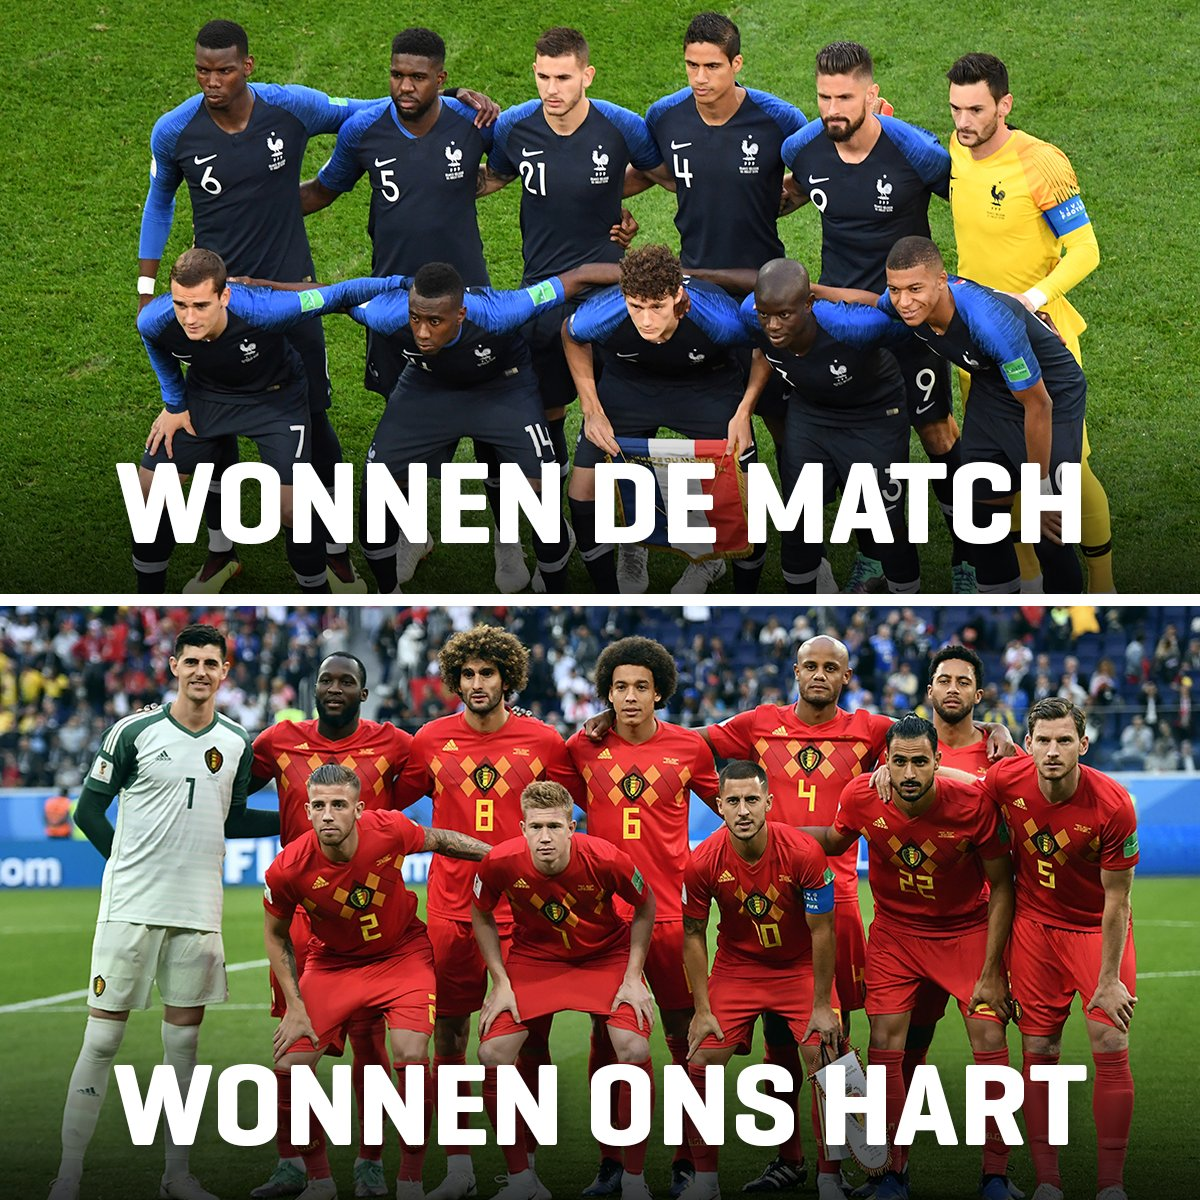 Niet gewonnen... ???? Maar wel ONEINDIG VEEL RESPECT voor onze Belgian Red Devils! ????????❤️ #redtogether #FRABEL